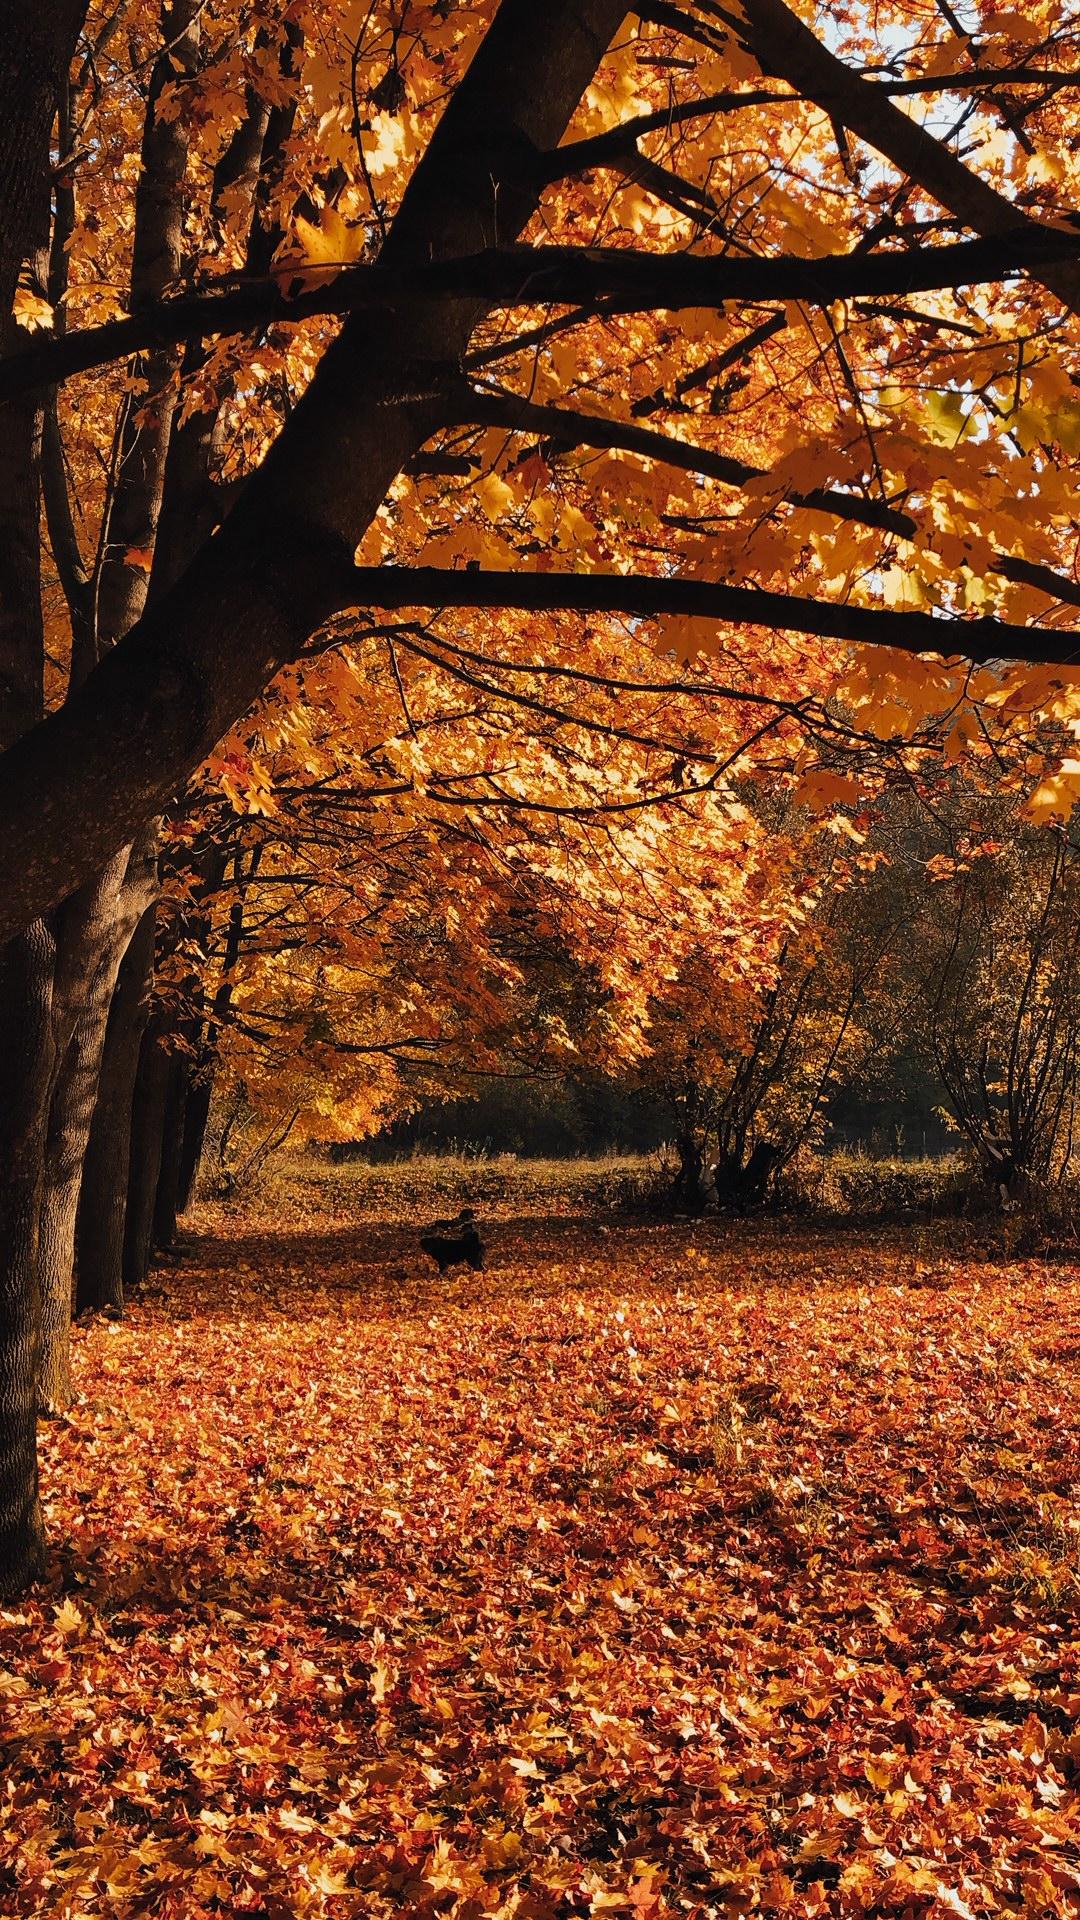 Autumn picture